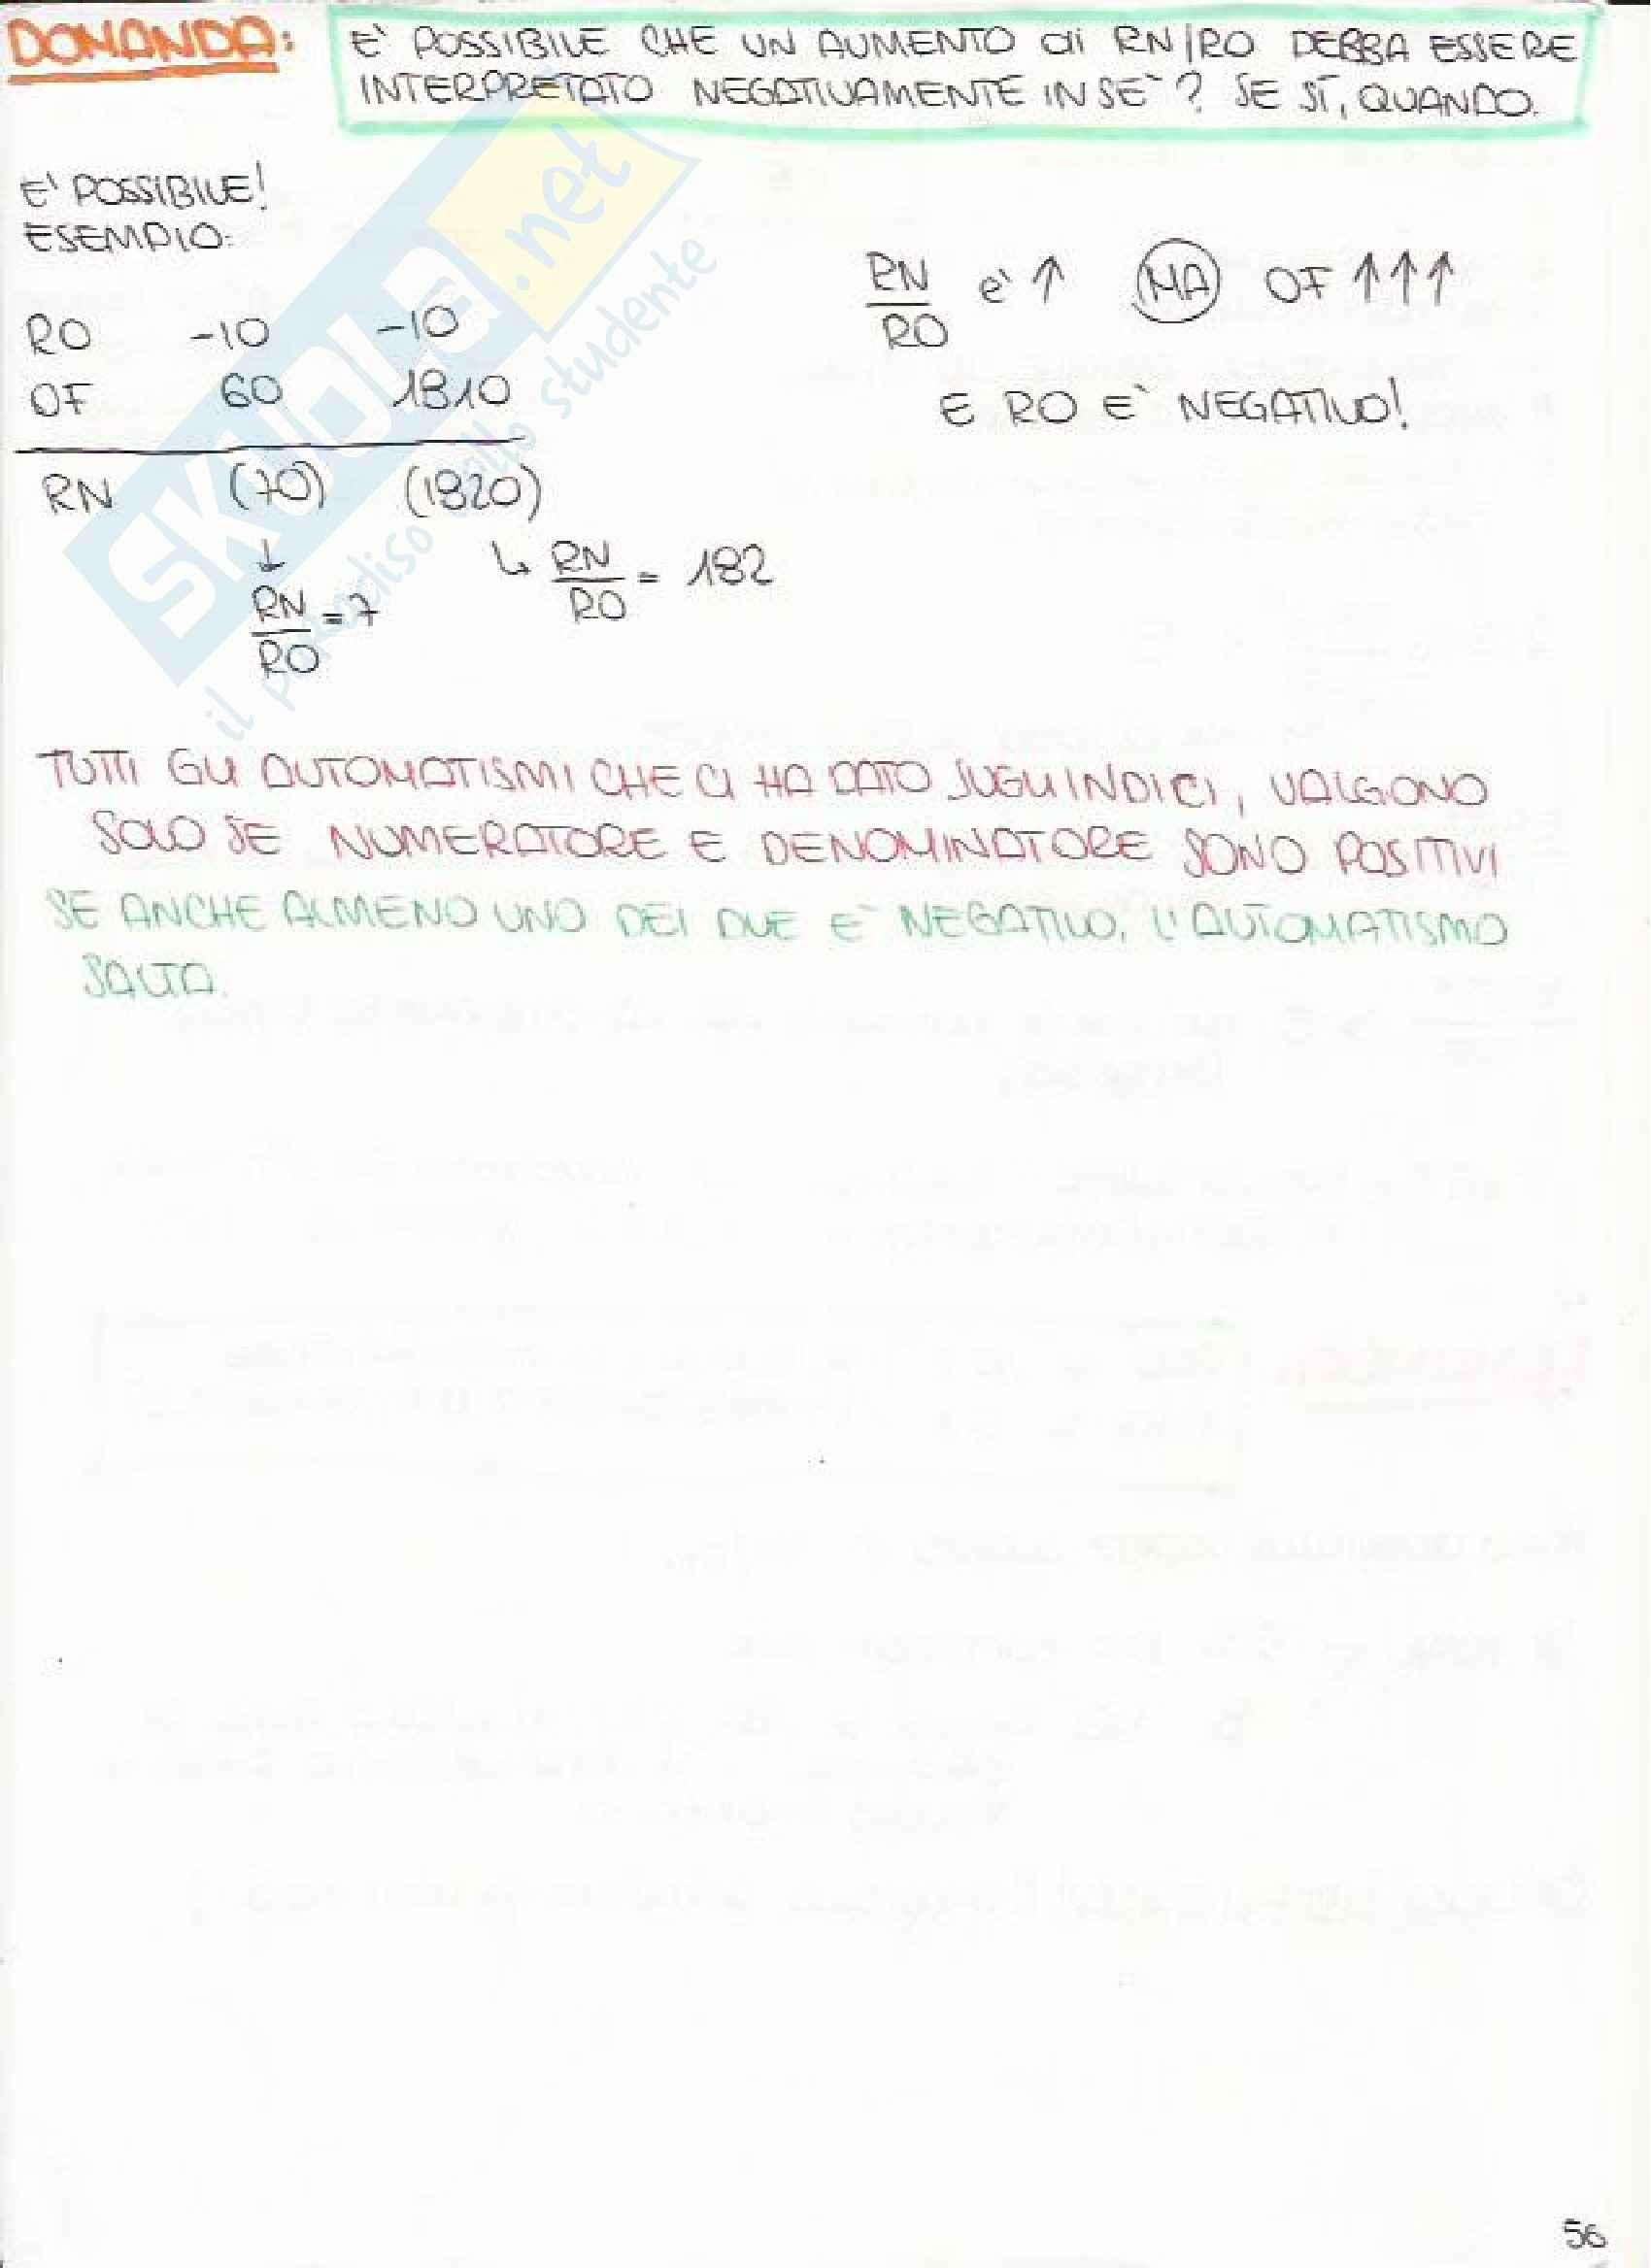 Bilancio e Analisi Economico Finanziaria - Appunti Pag. 56